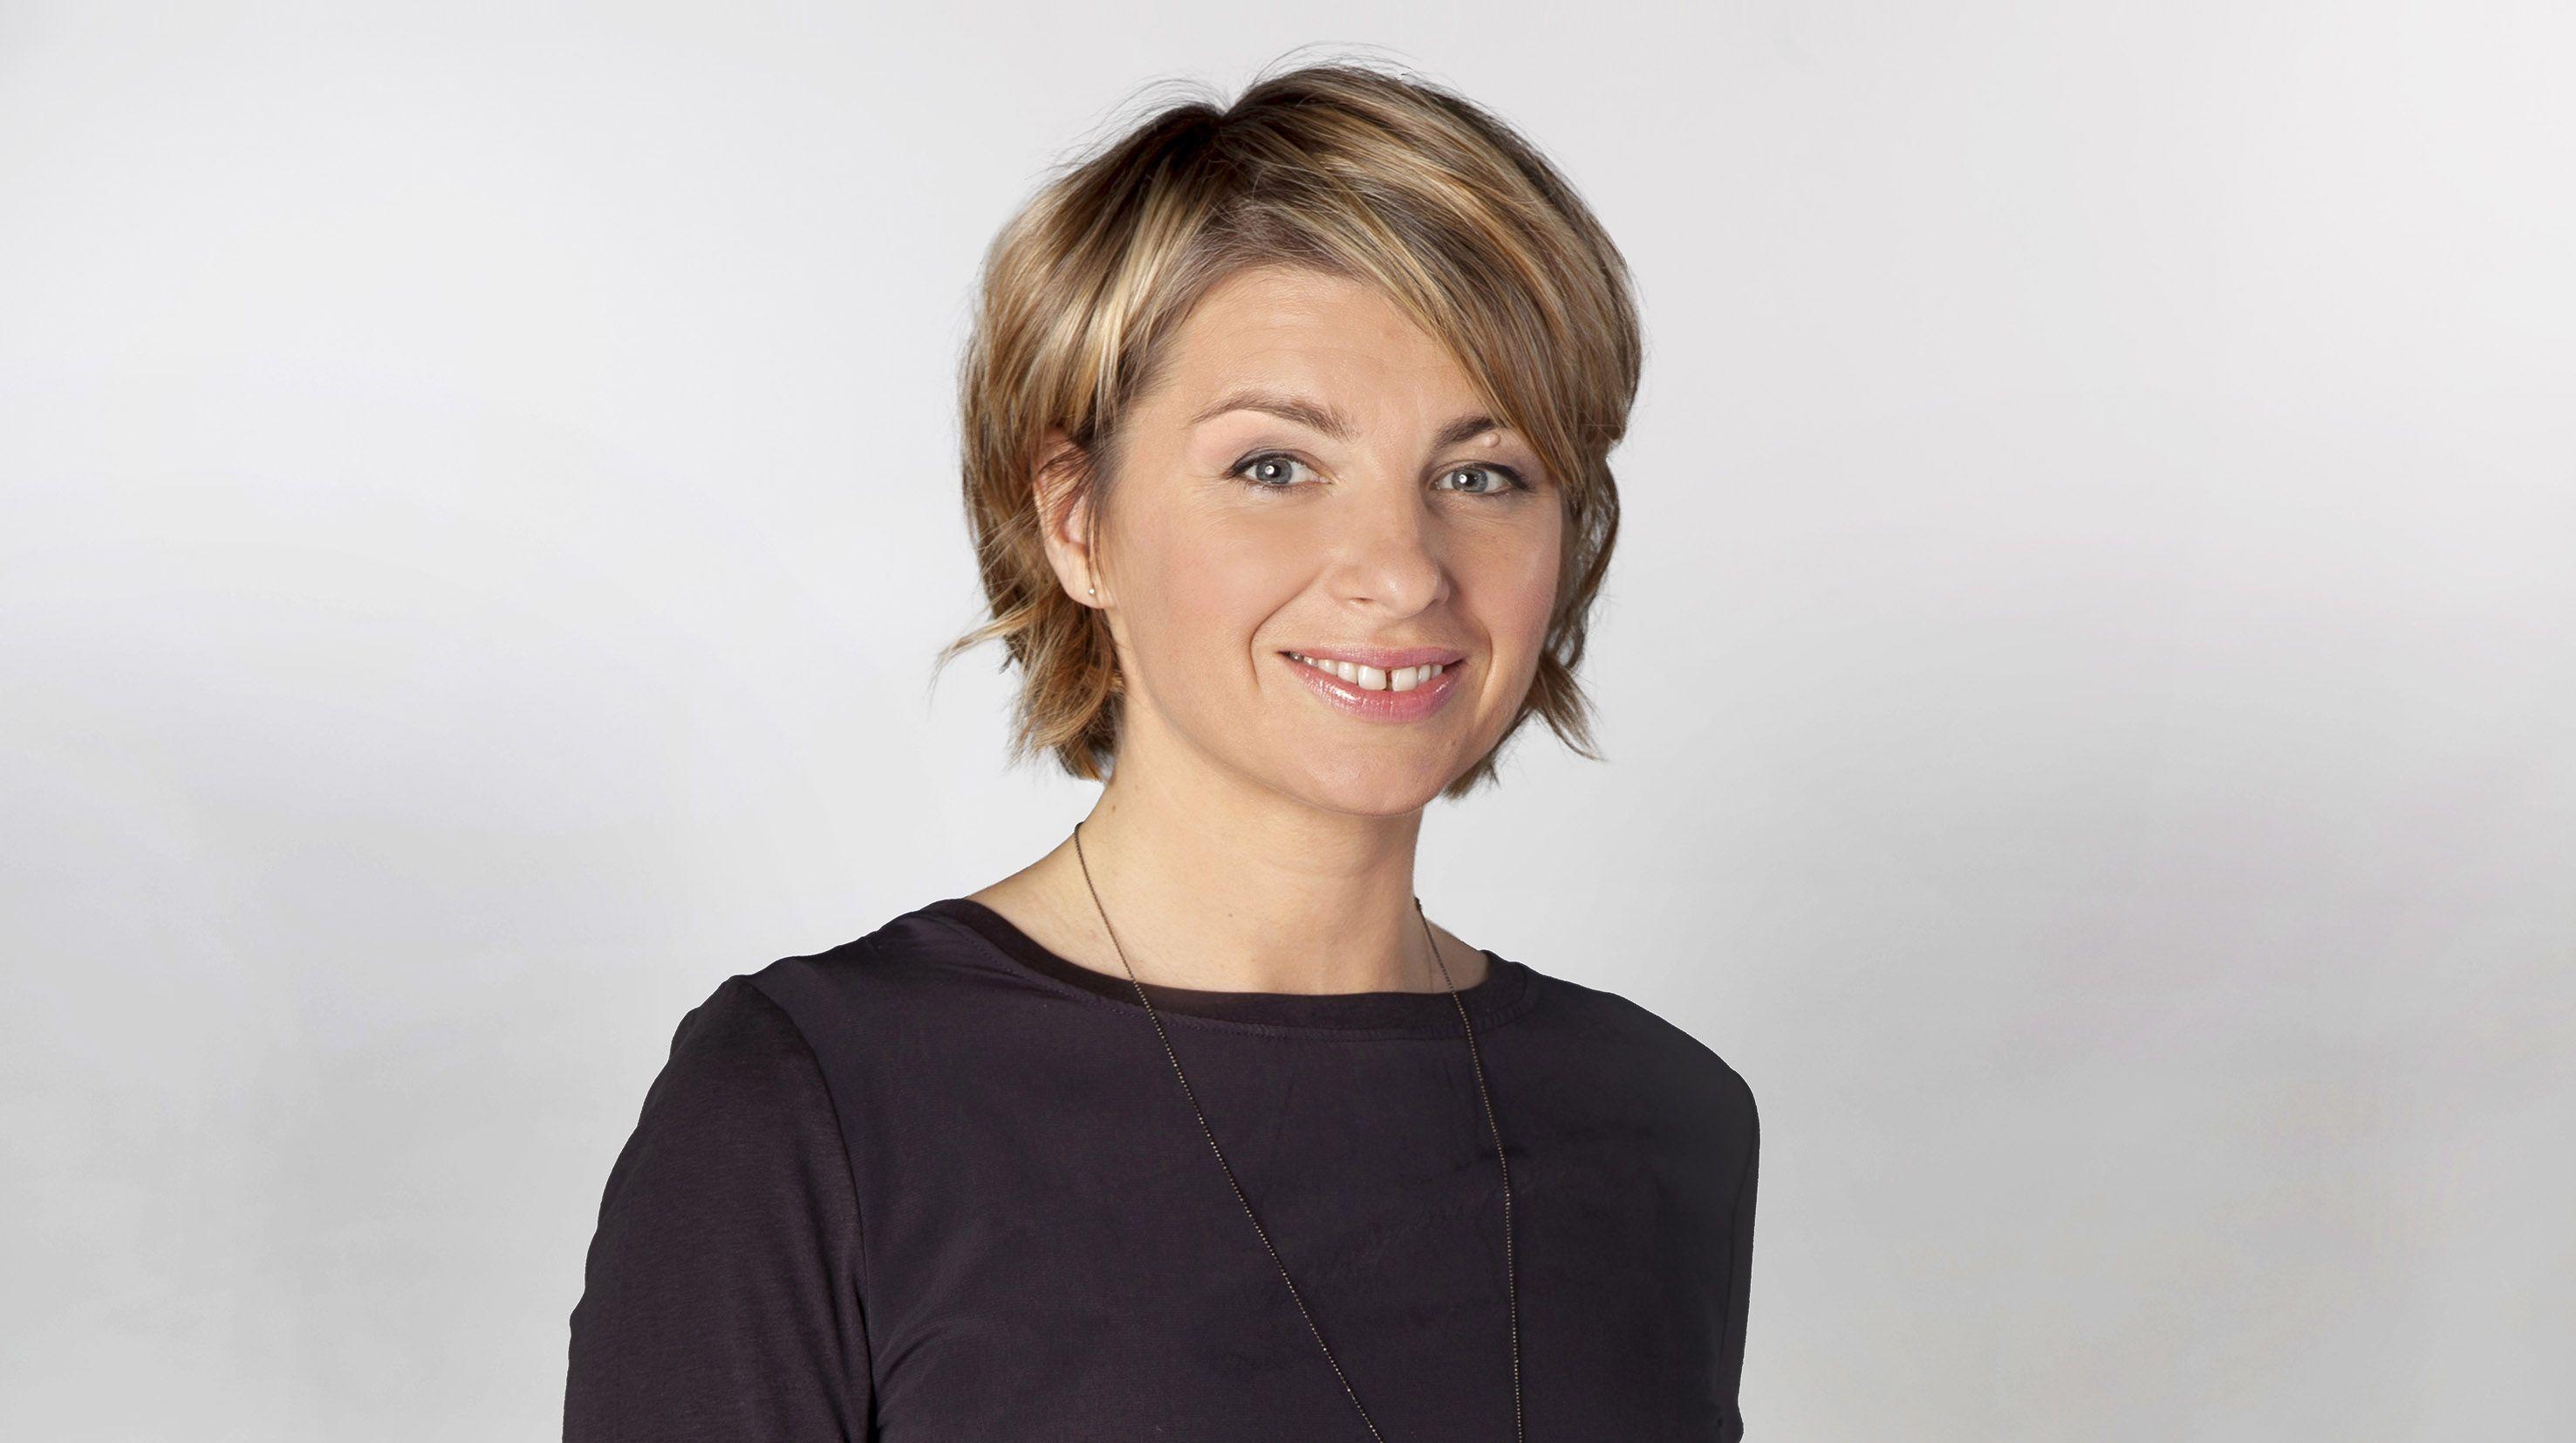 Sabine Heinrich Im Portrat Bildrechte Wdr Sachs Frisuren Haarschnitt Promis